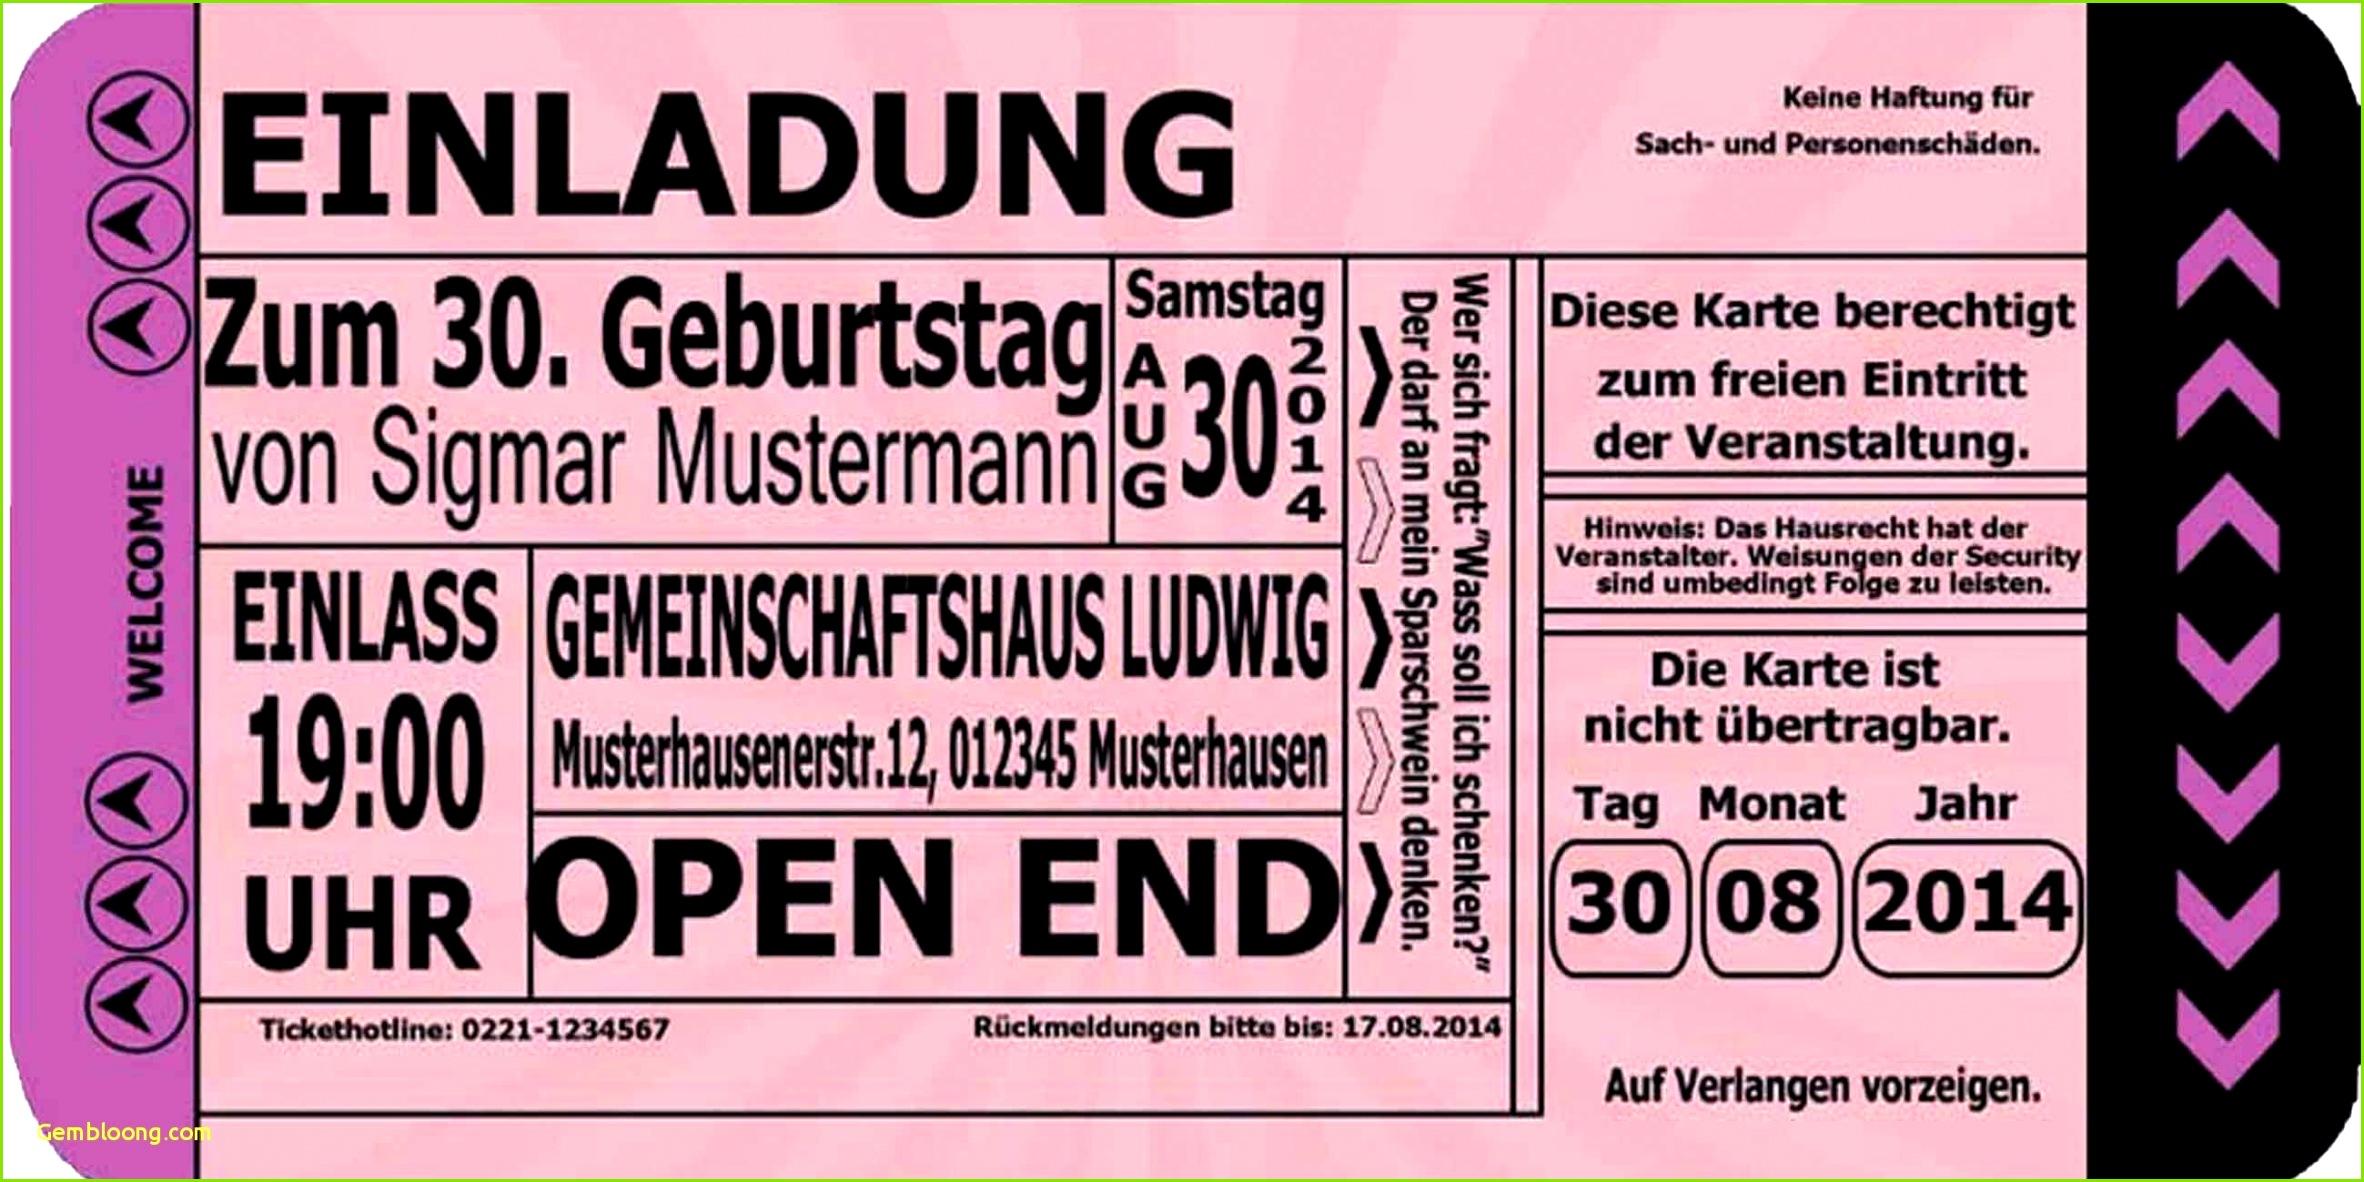 Einladungskarten Vorlagen Geburtstag Einladungskarten 30 Geburtstag Vorlagen